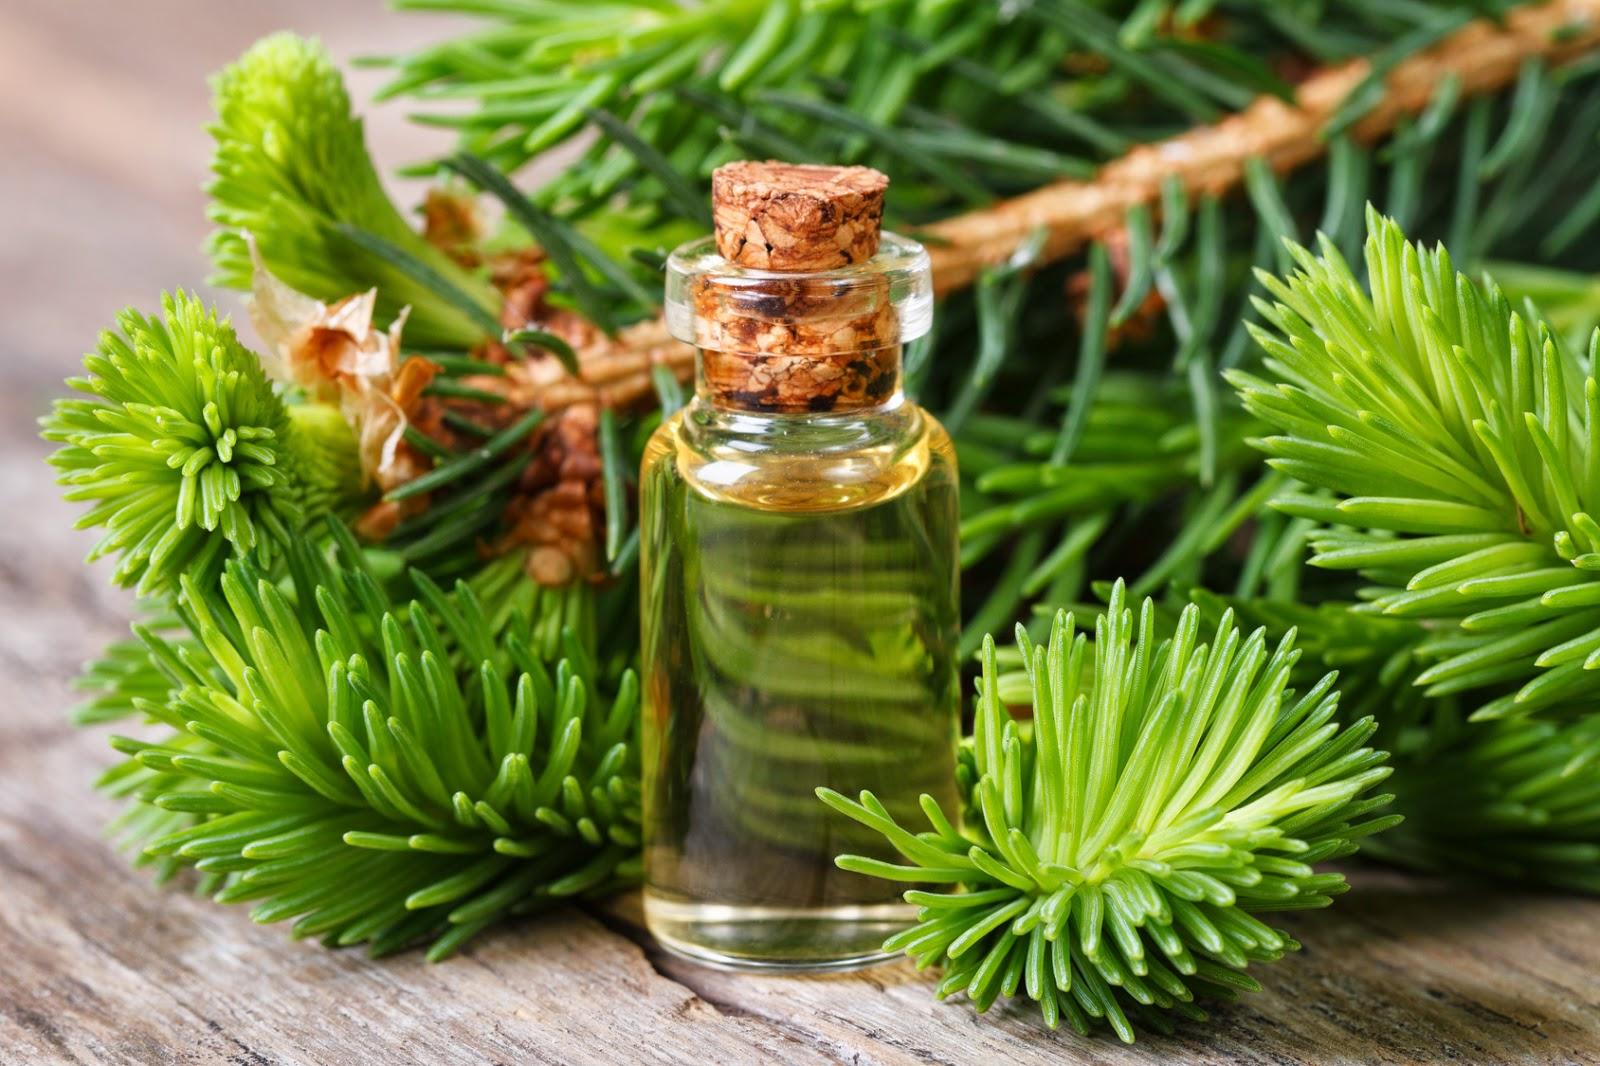 Целебные свойства пихтового масла